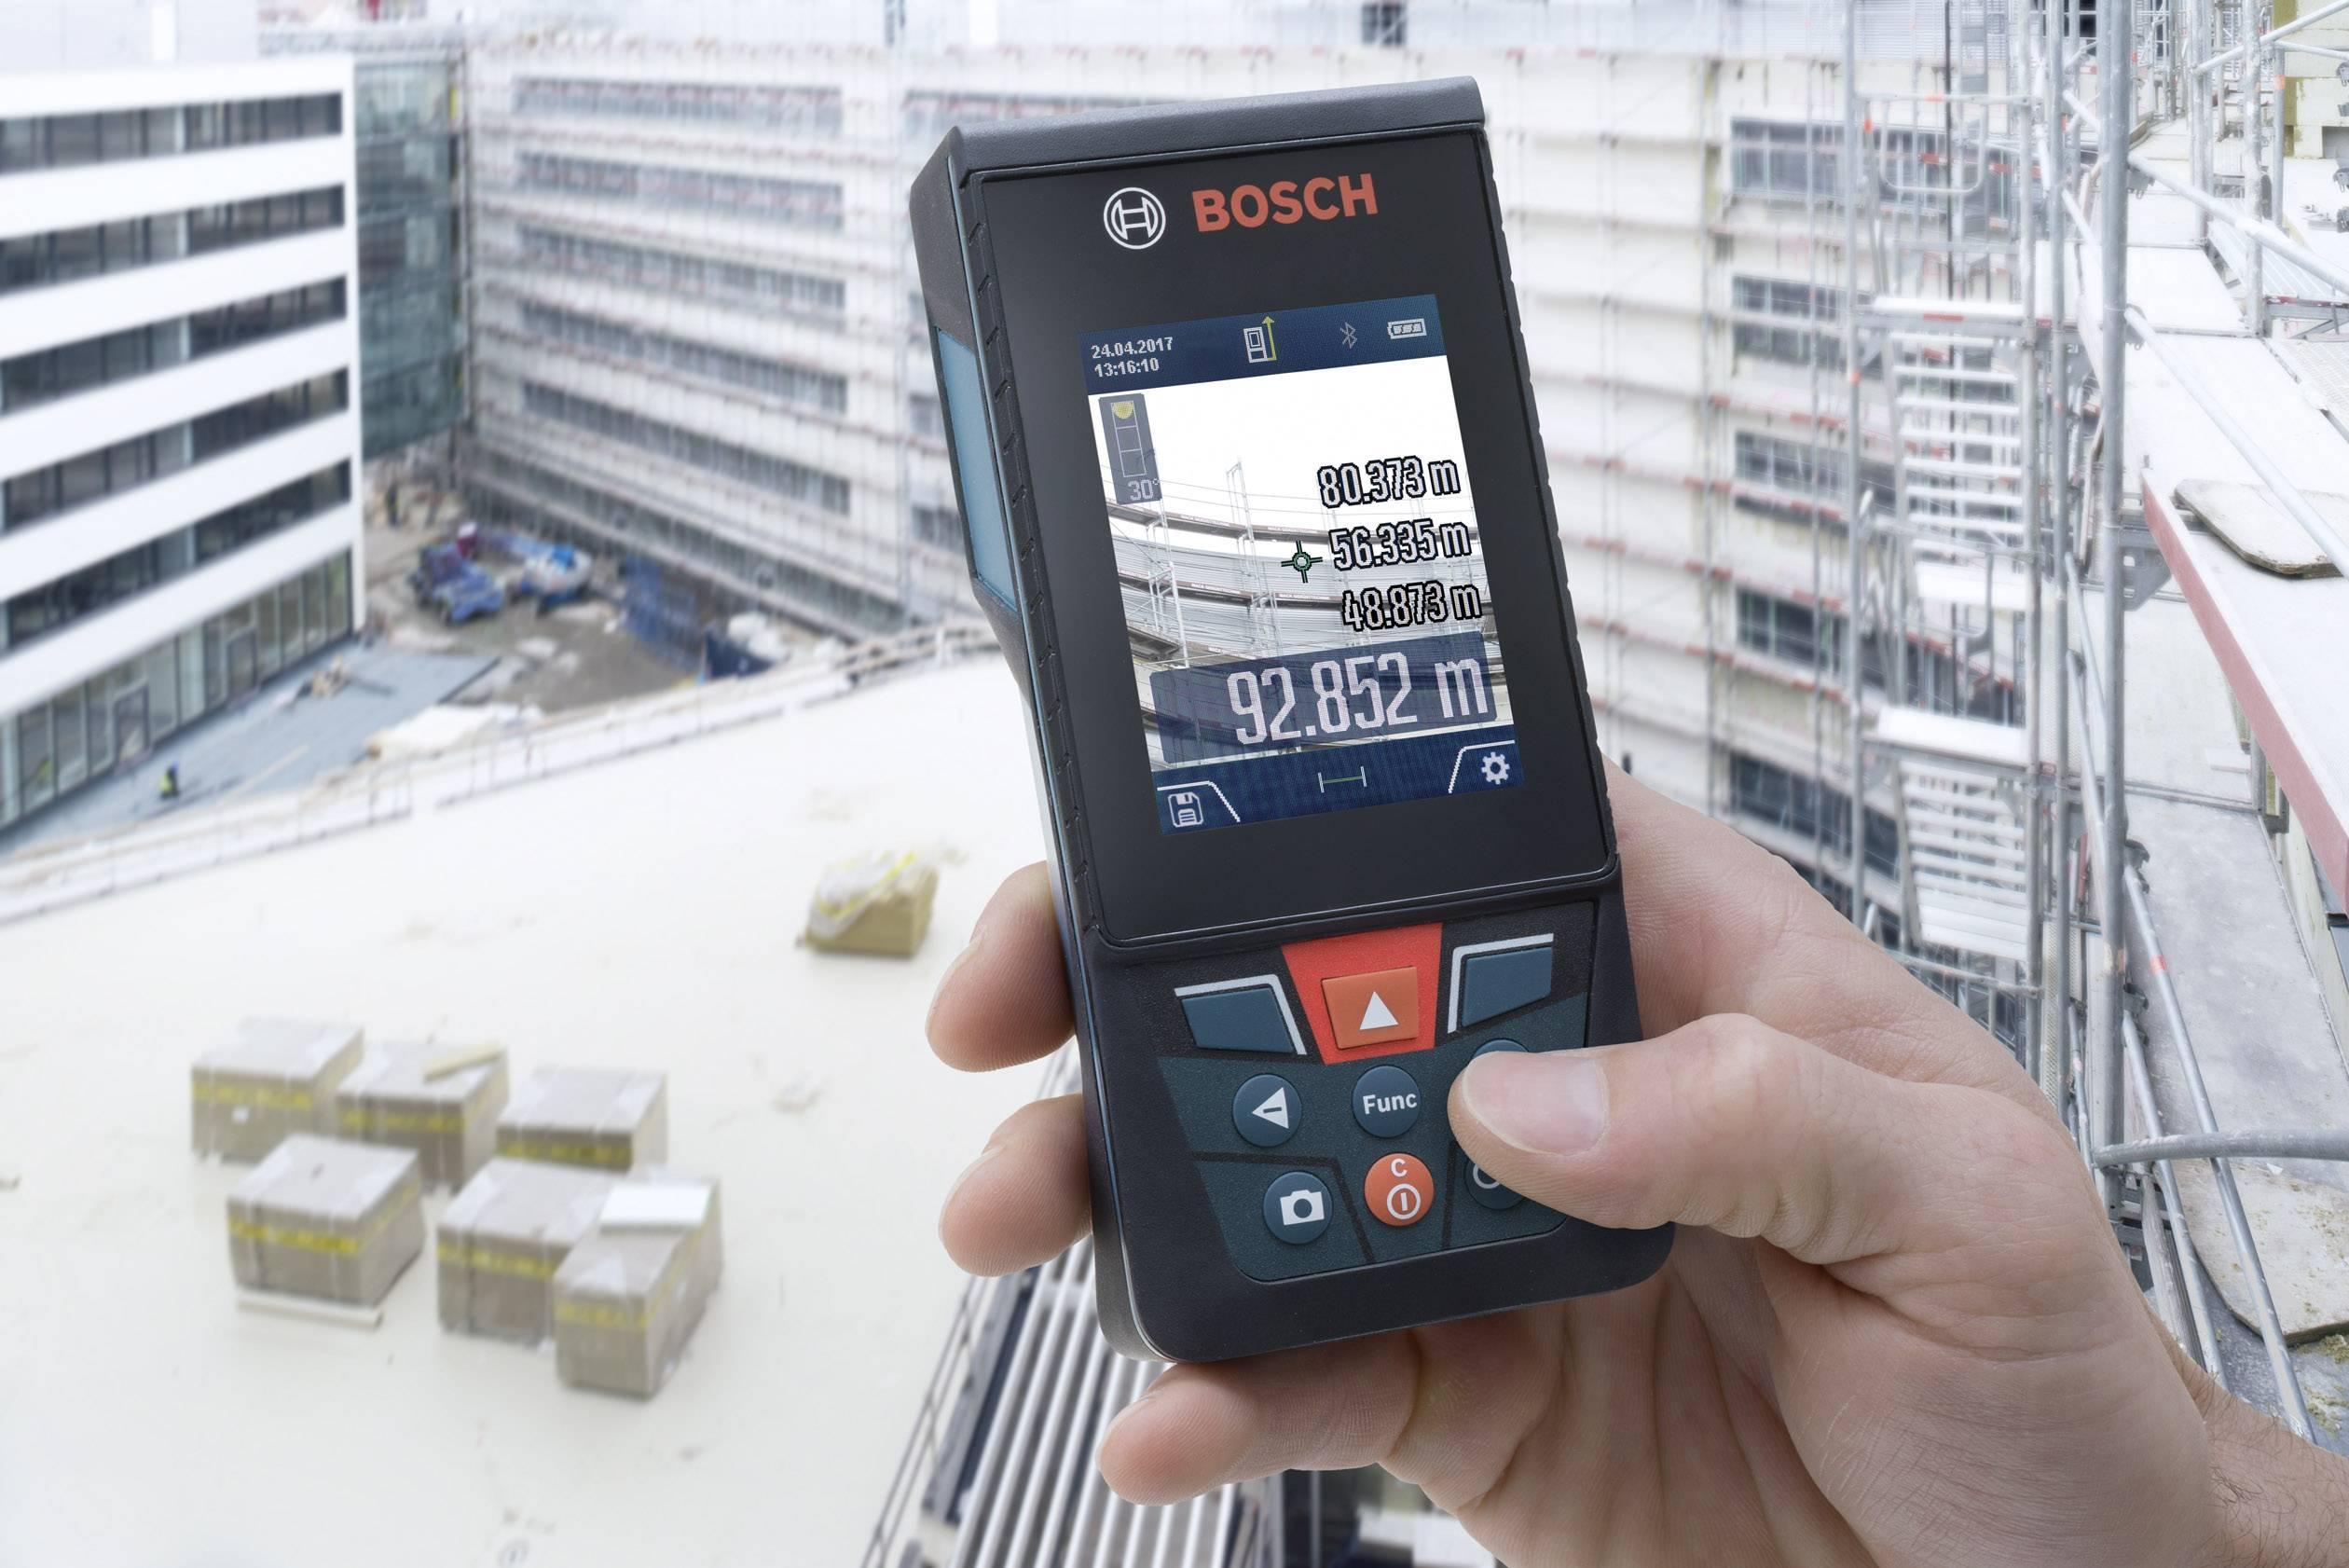 Laser Entfernungsmesser Mieten Hamburg : Bosch professional glm c prof laser entfernungsmesser